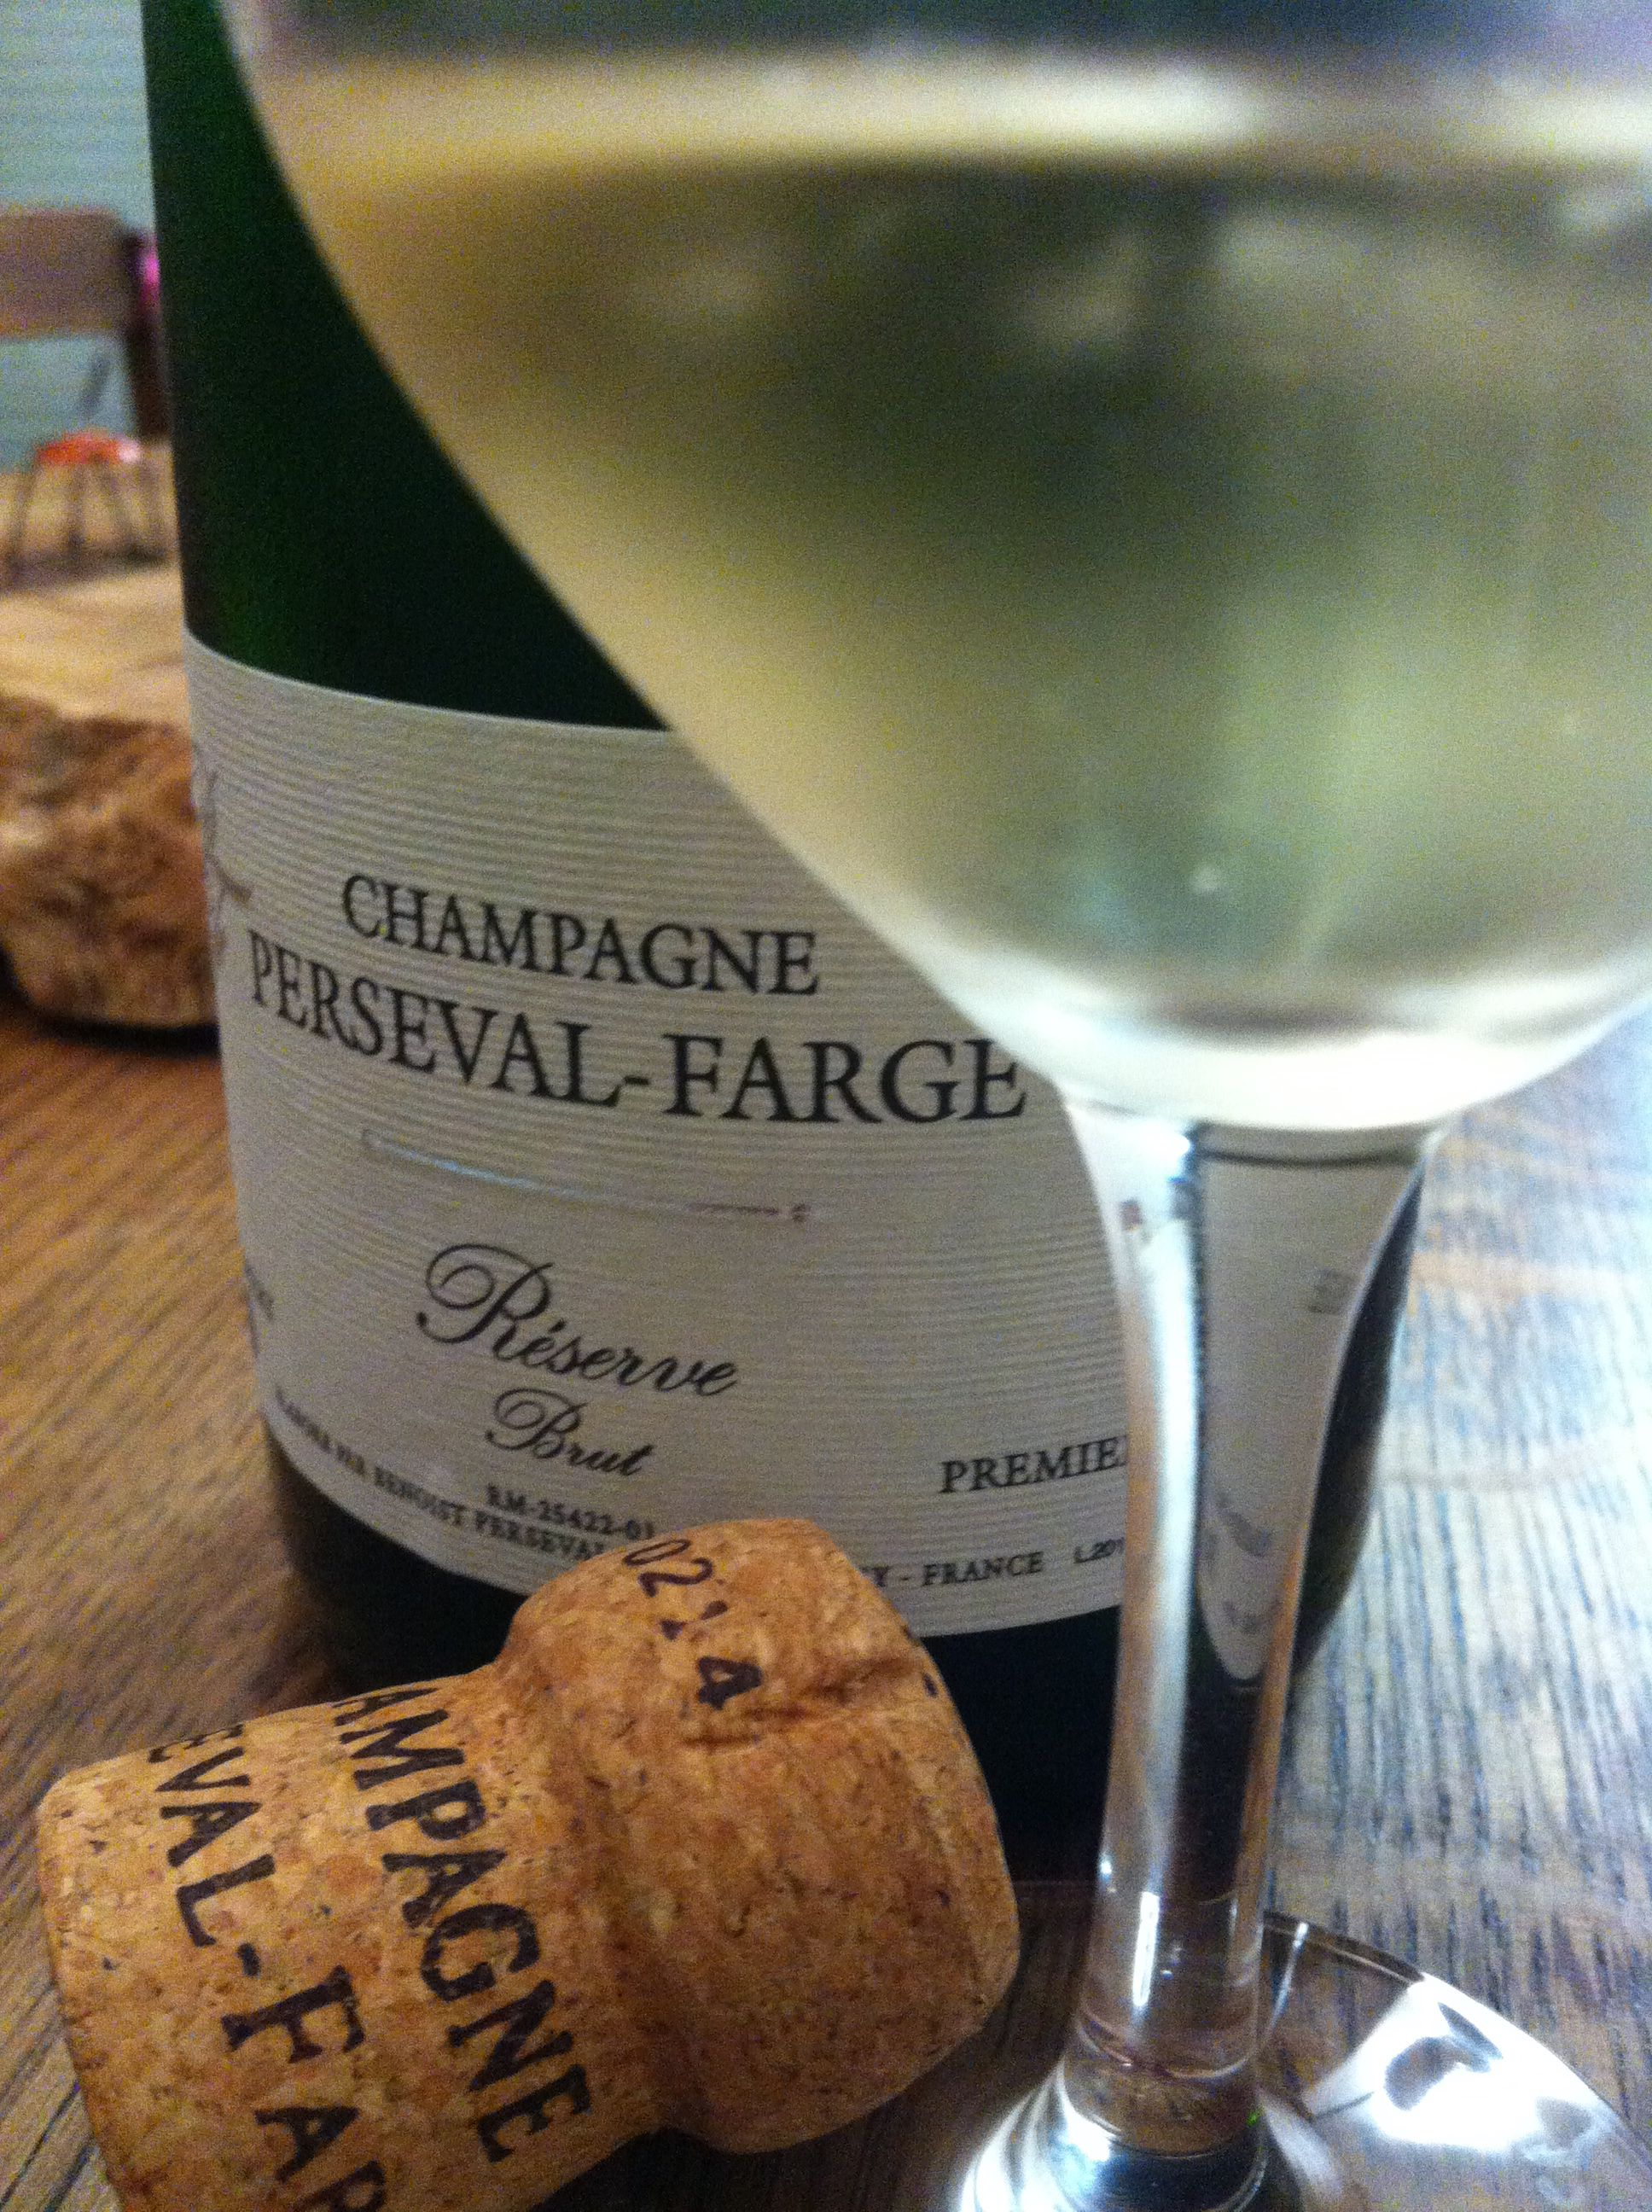 La Réserve Brut de la  Maison de Champagne Perseval-Farge 1er Cru #champagne #caveosaveurs